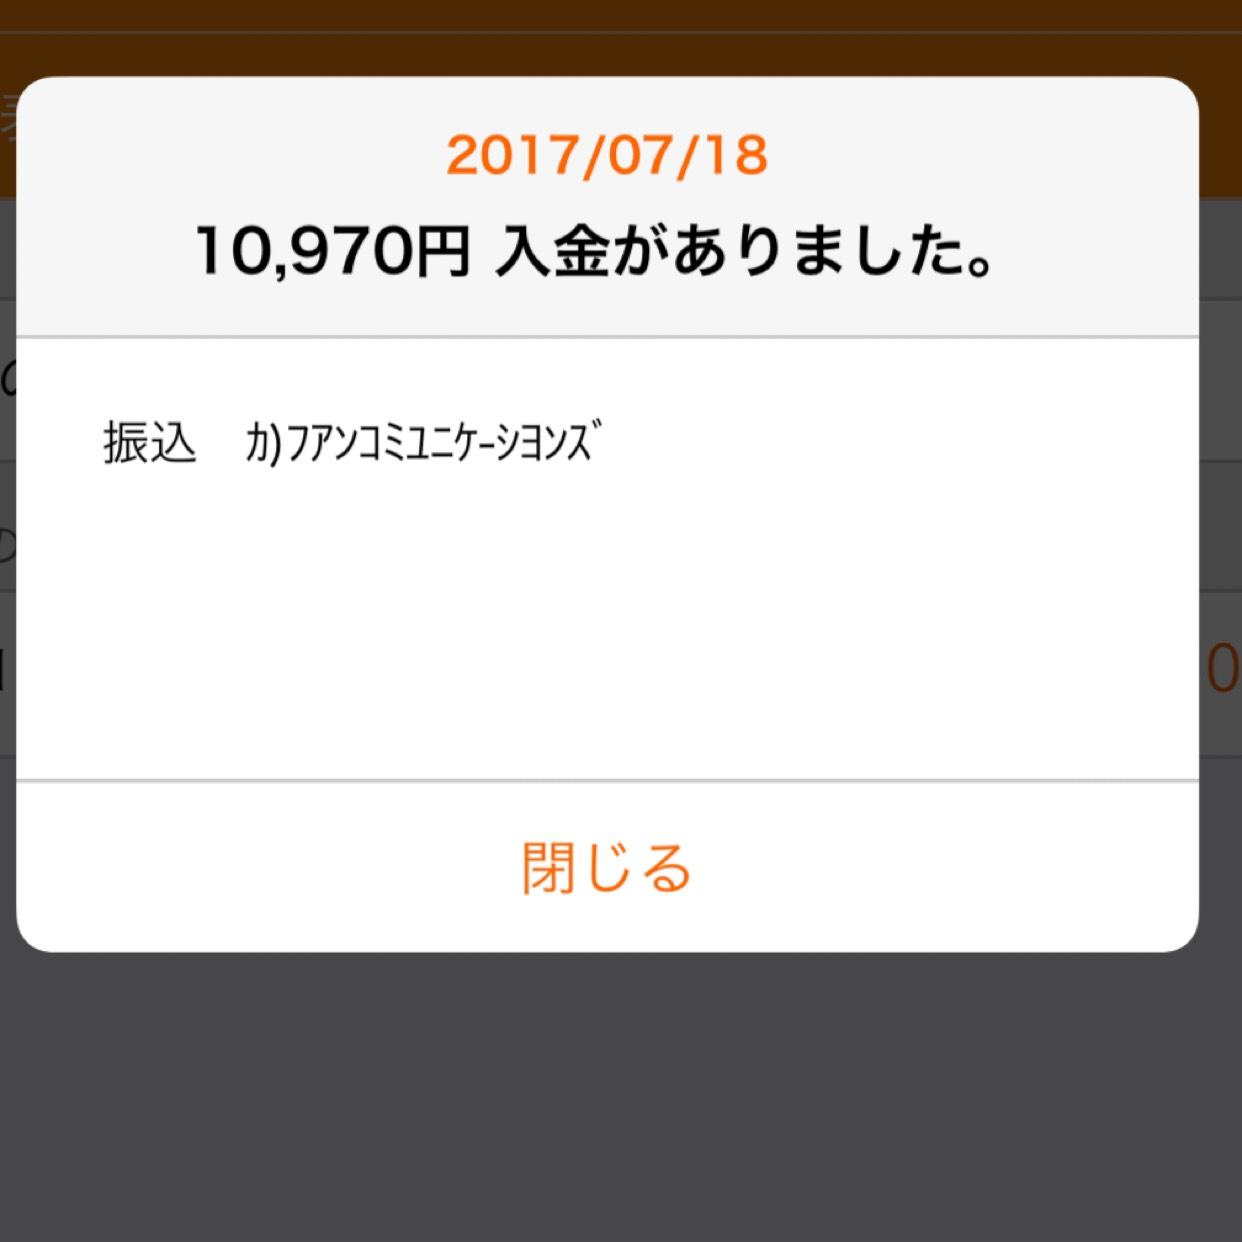 20170718ブログ使用イメージ1